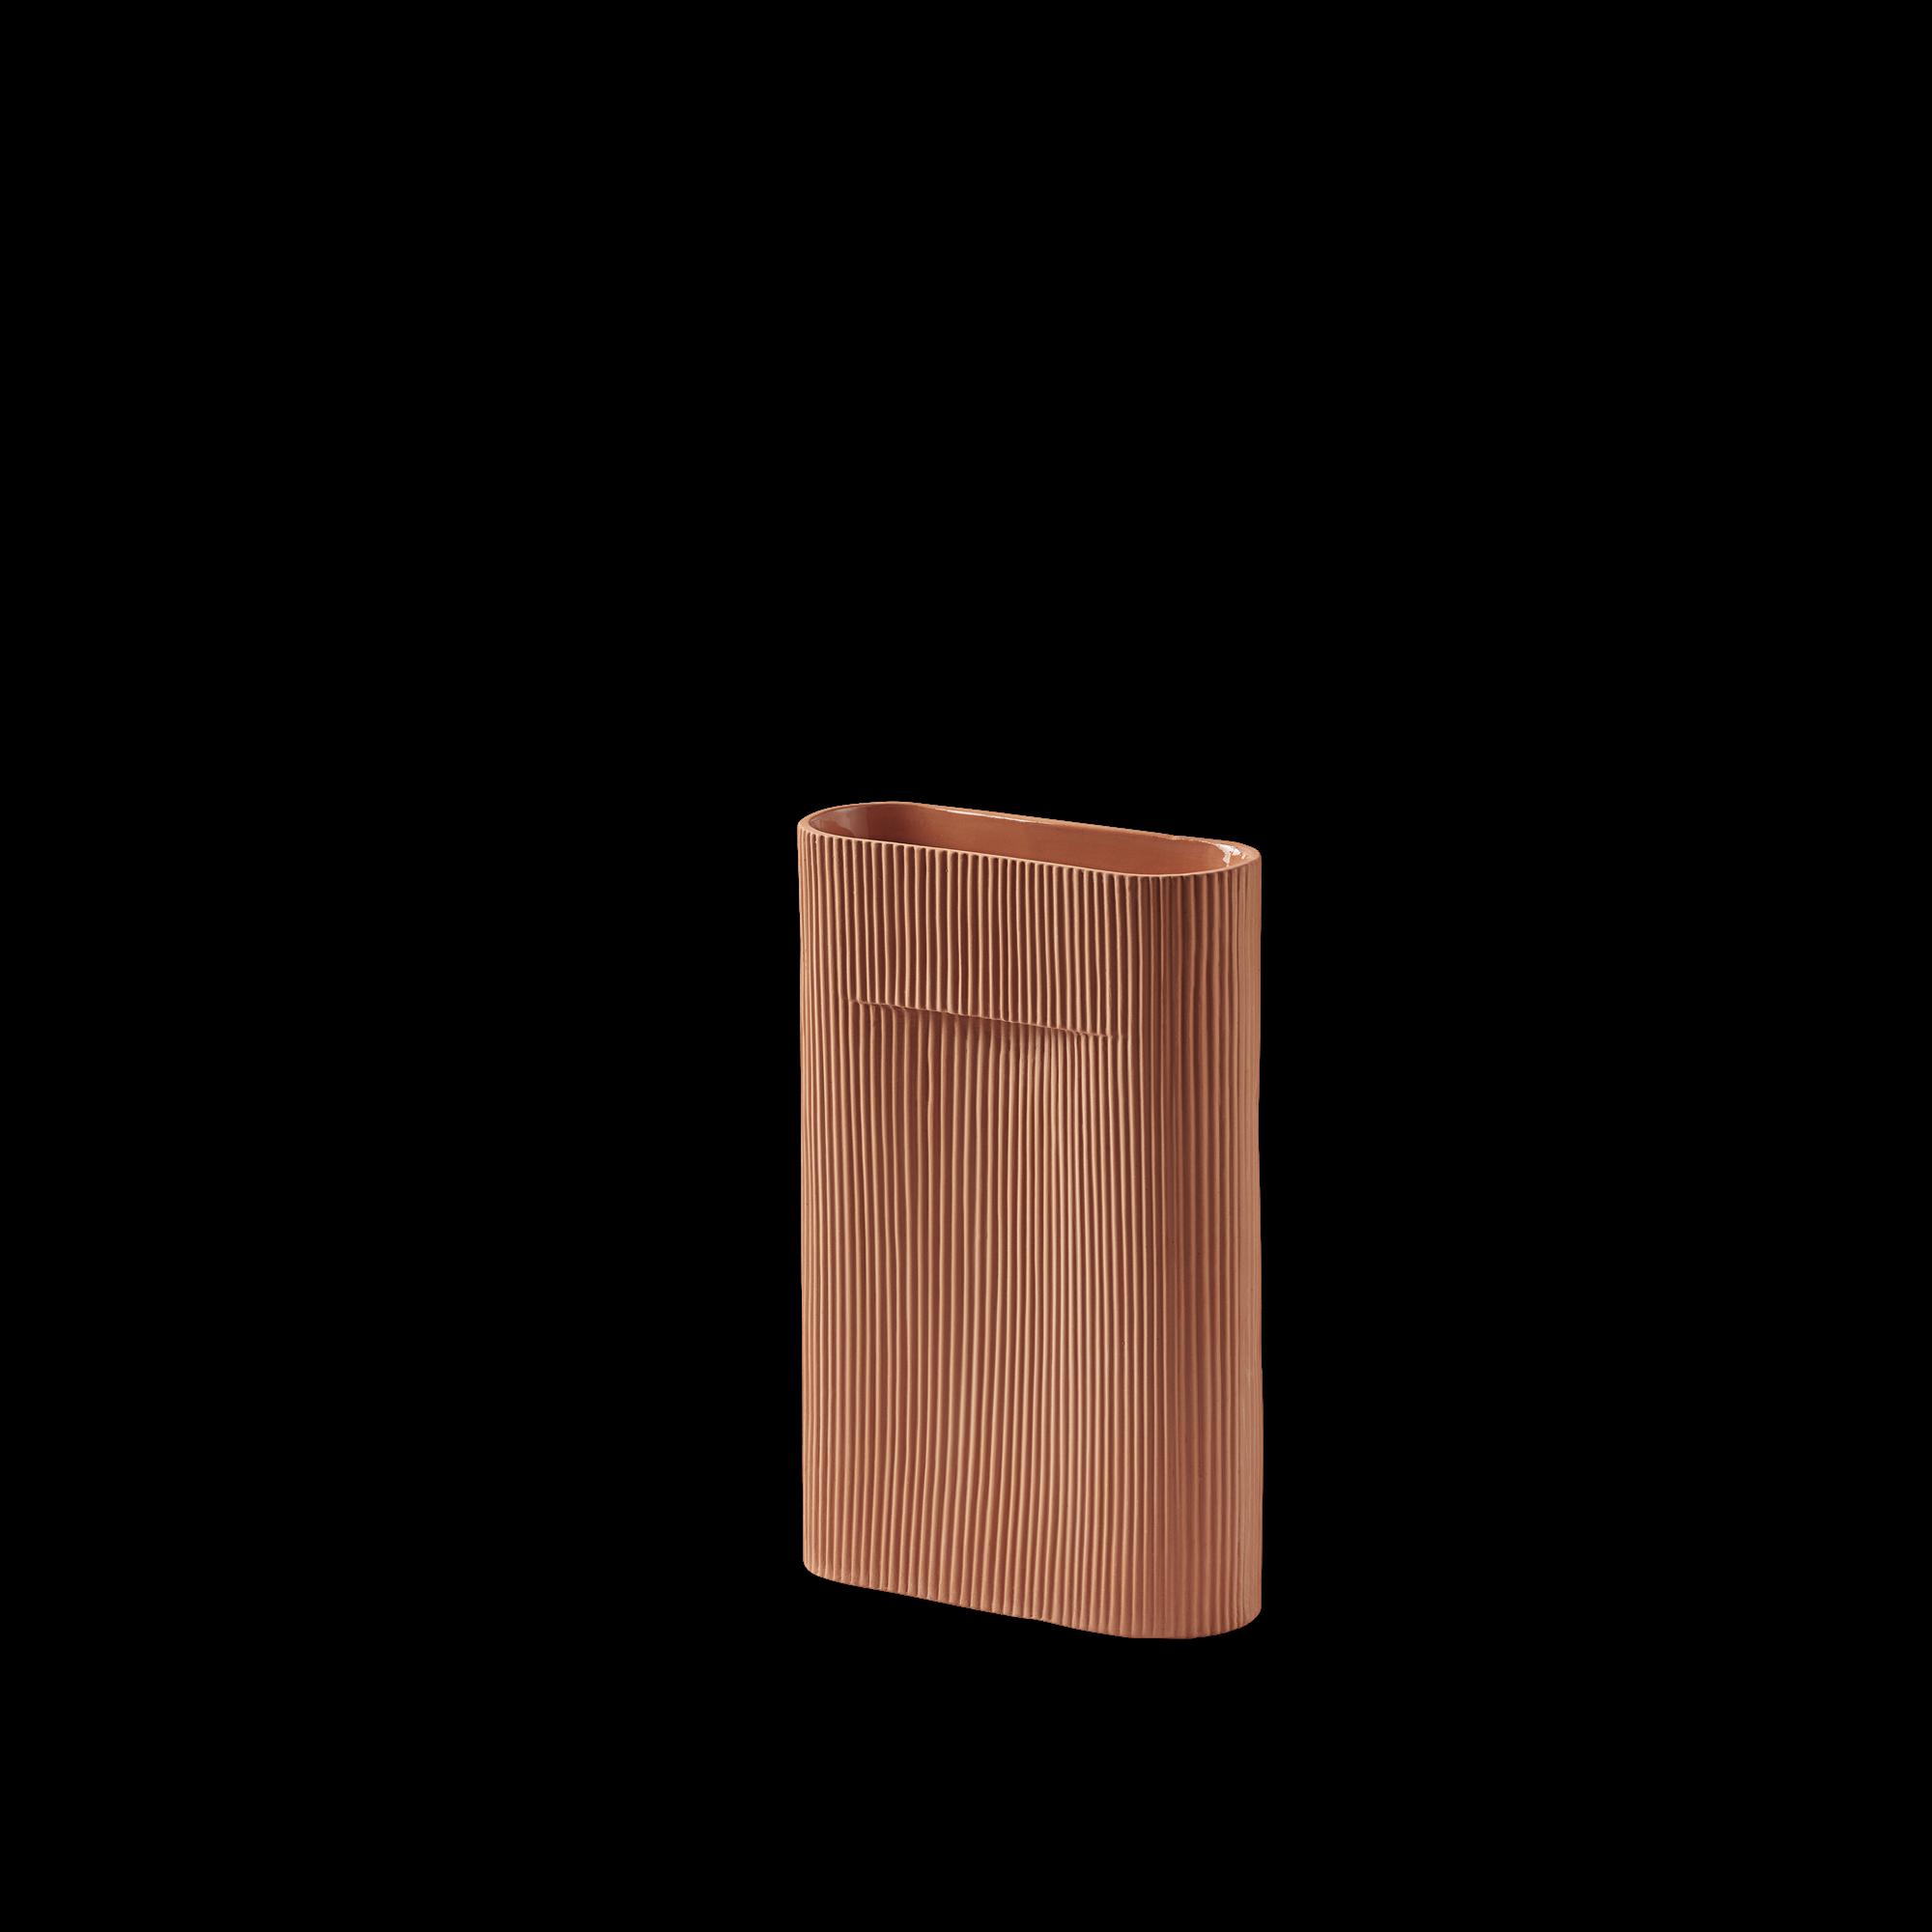 Ridge vase-1